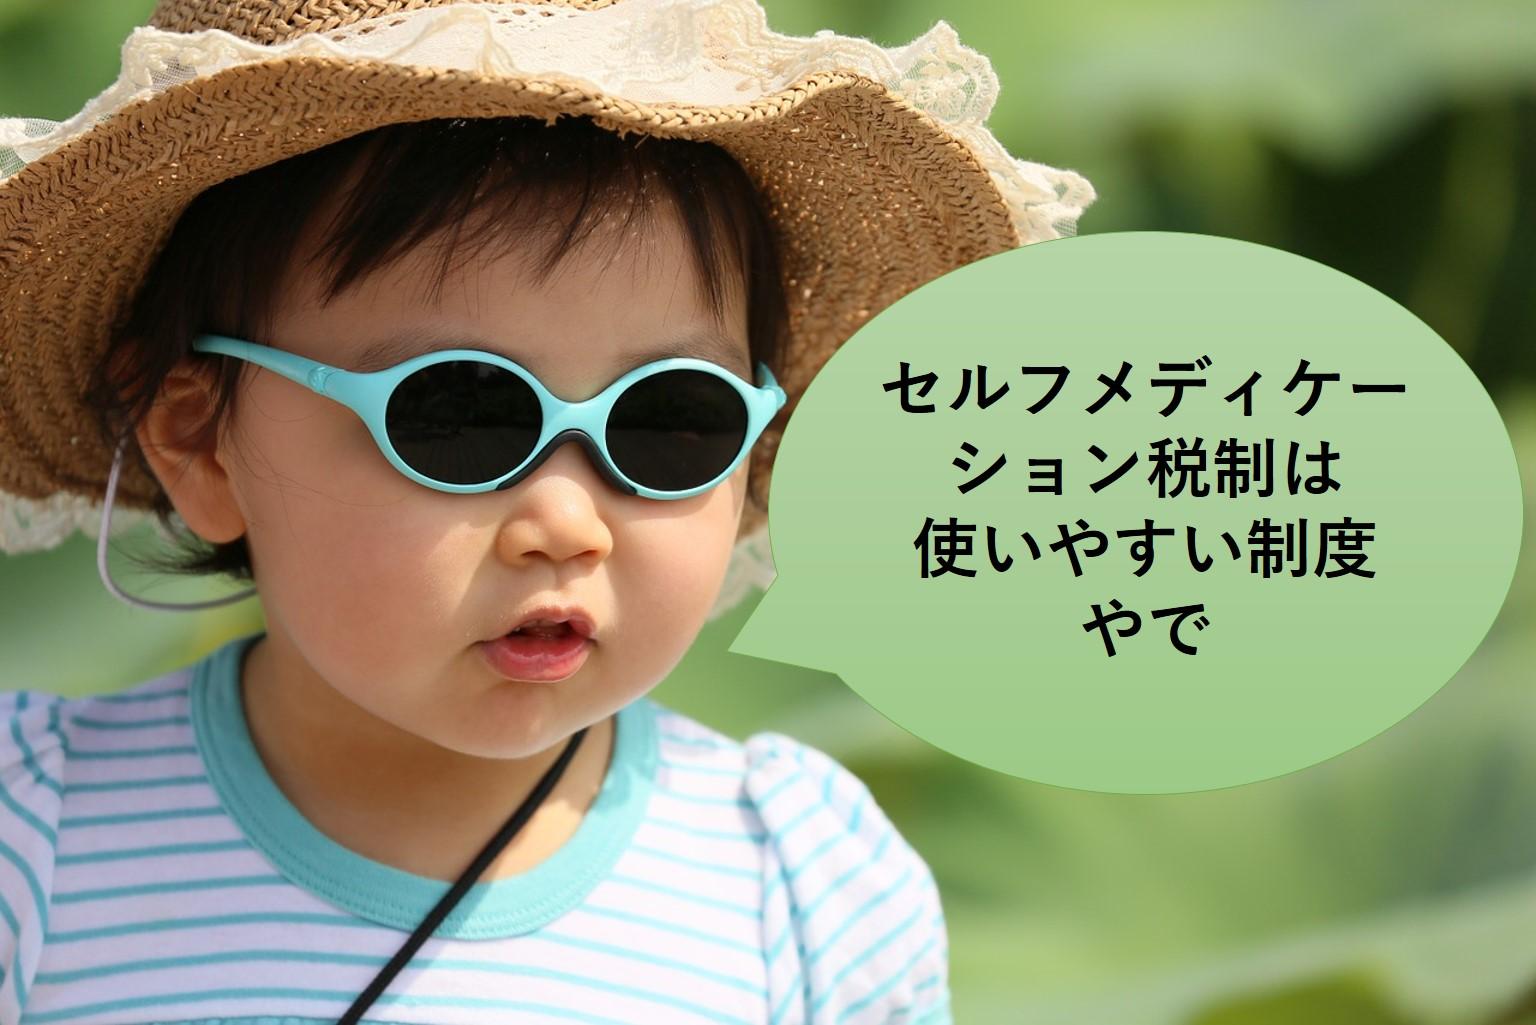 セルフメディケーション税制①